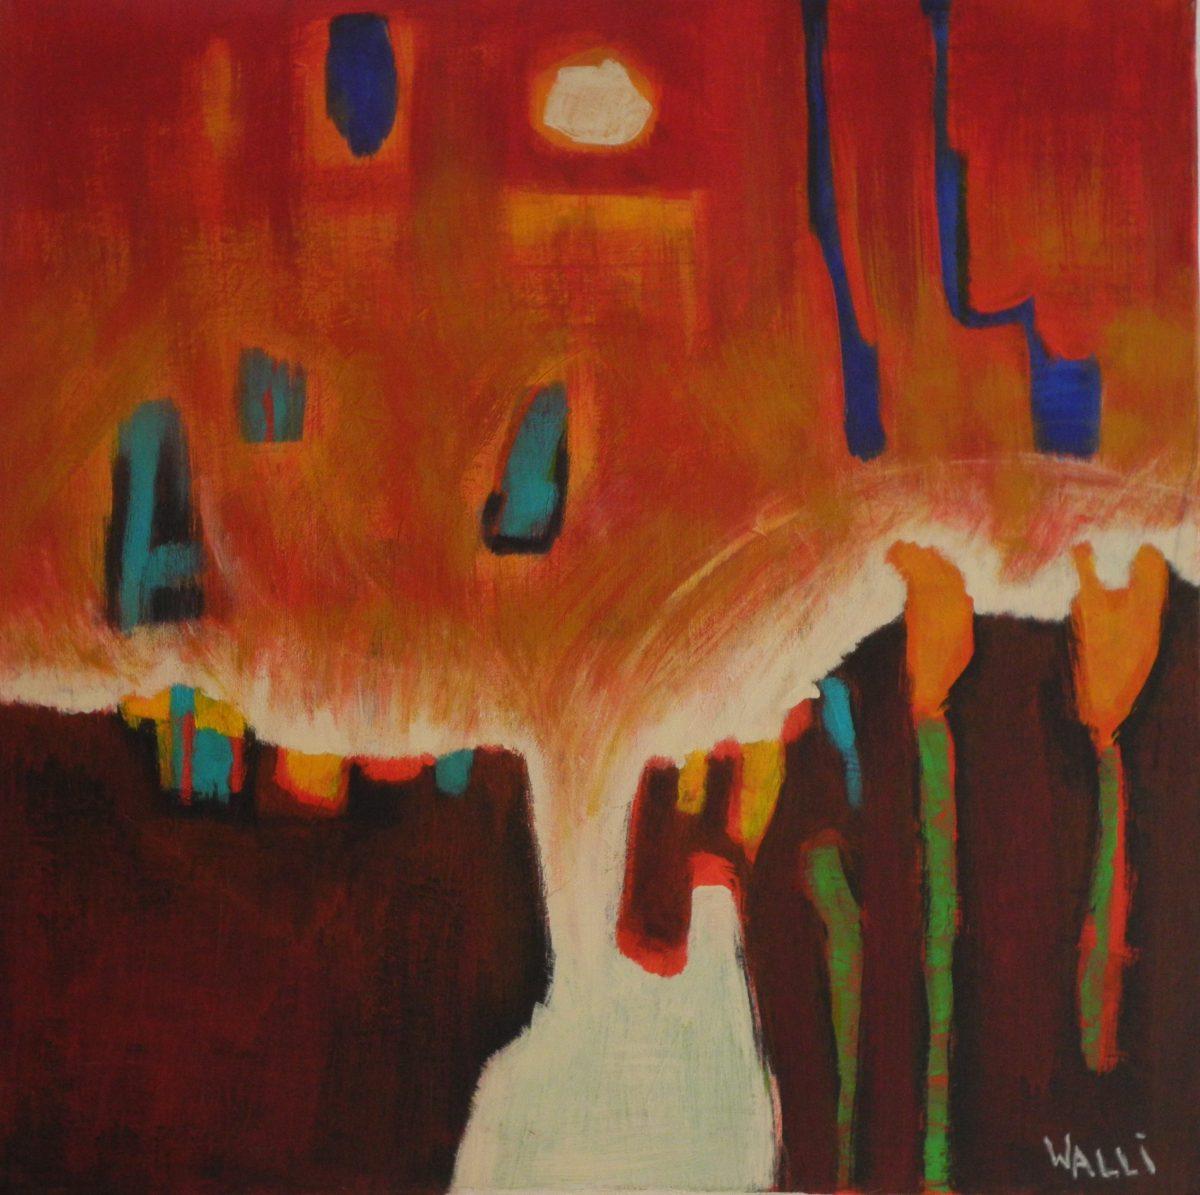 Kunstwerk von Walli Fellner